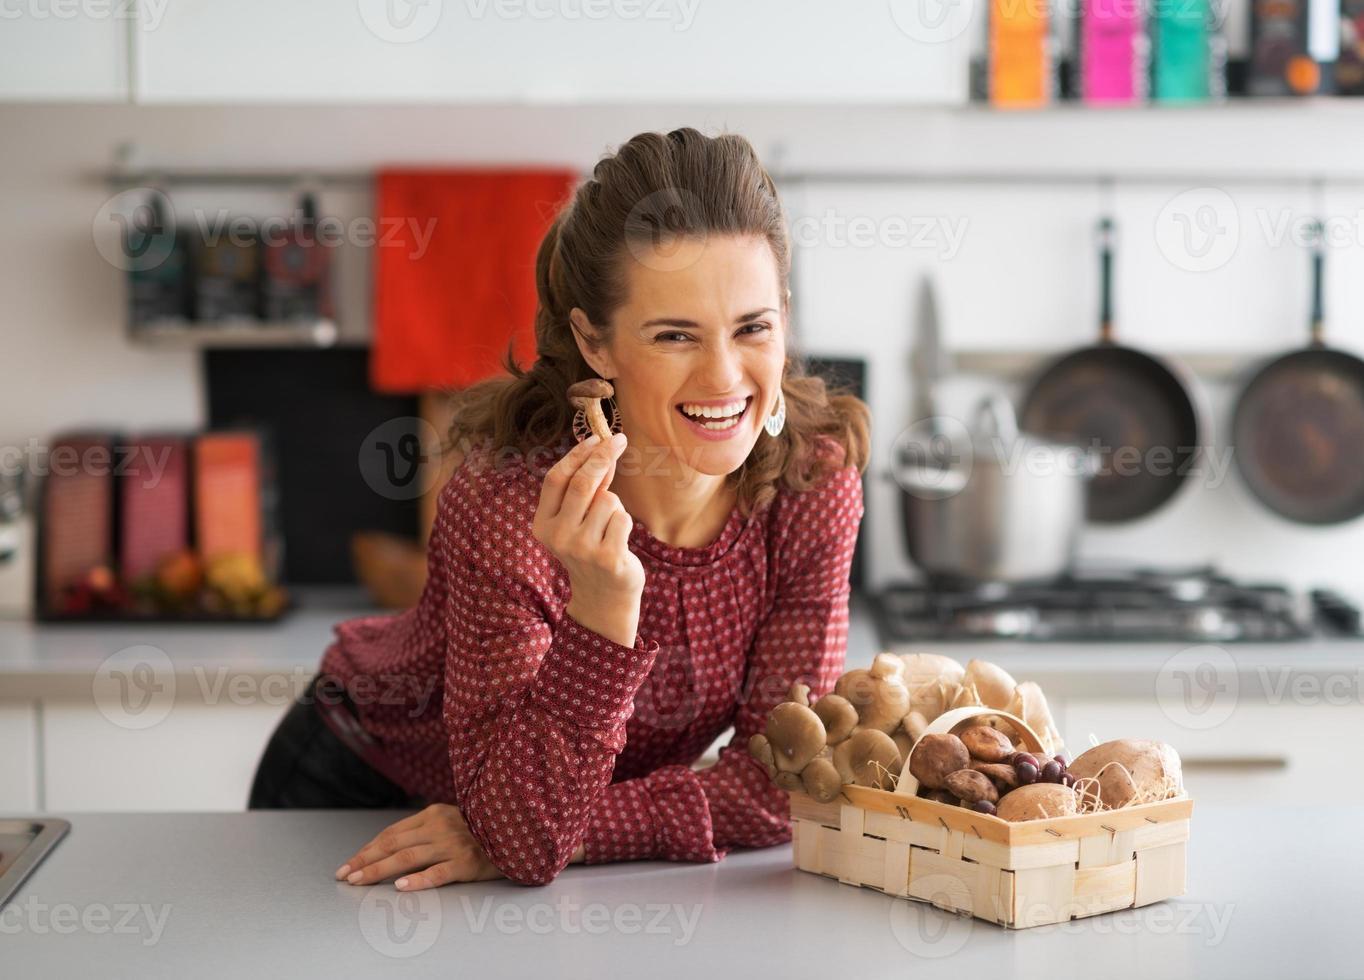 glückliche junge Hausfrau mit Pilzen in der Küche foto